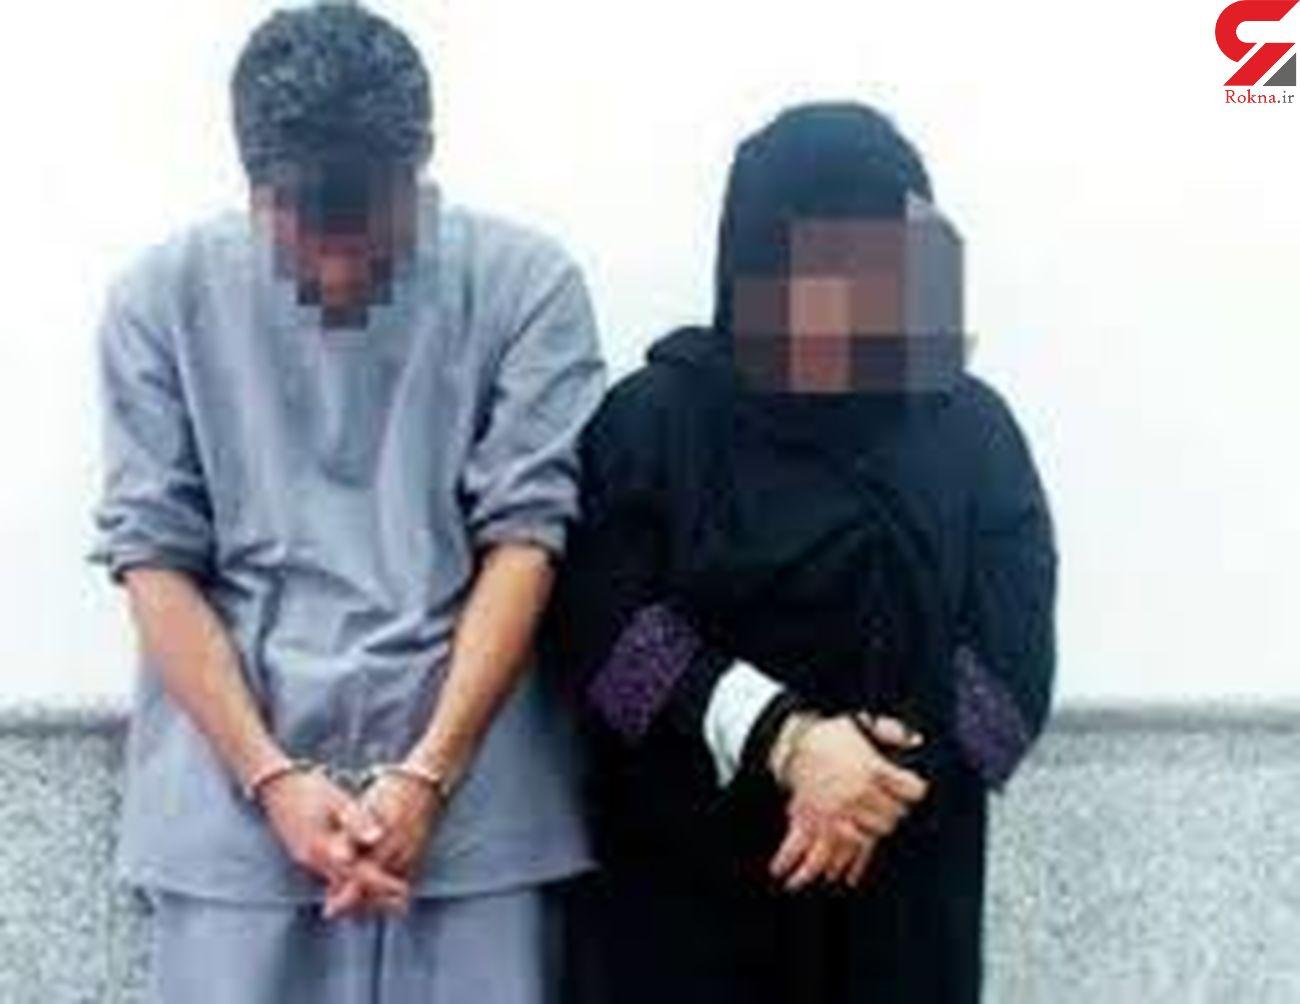 بازداشت 4 زن و مرد قمی در خانه زنان تنها